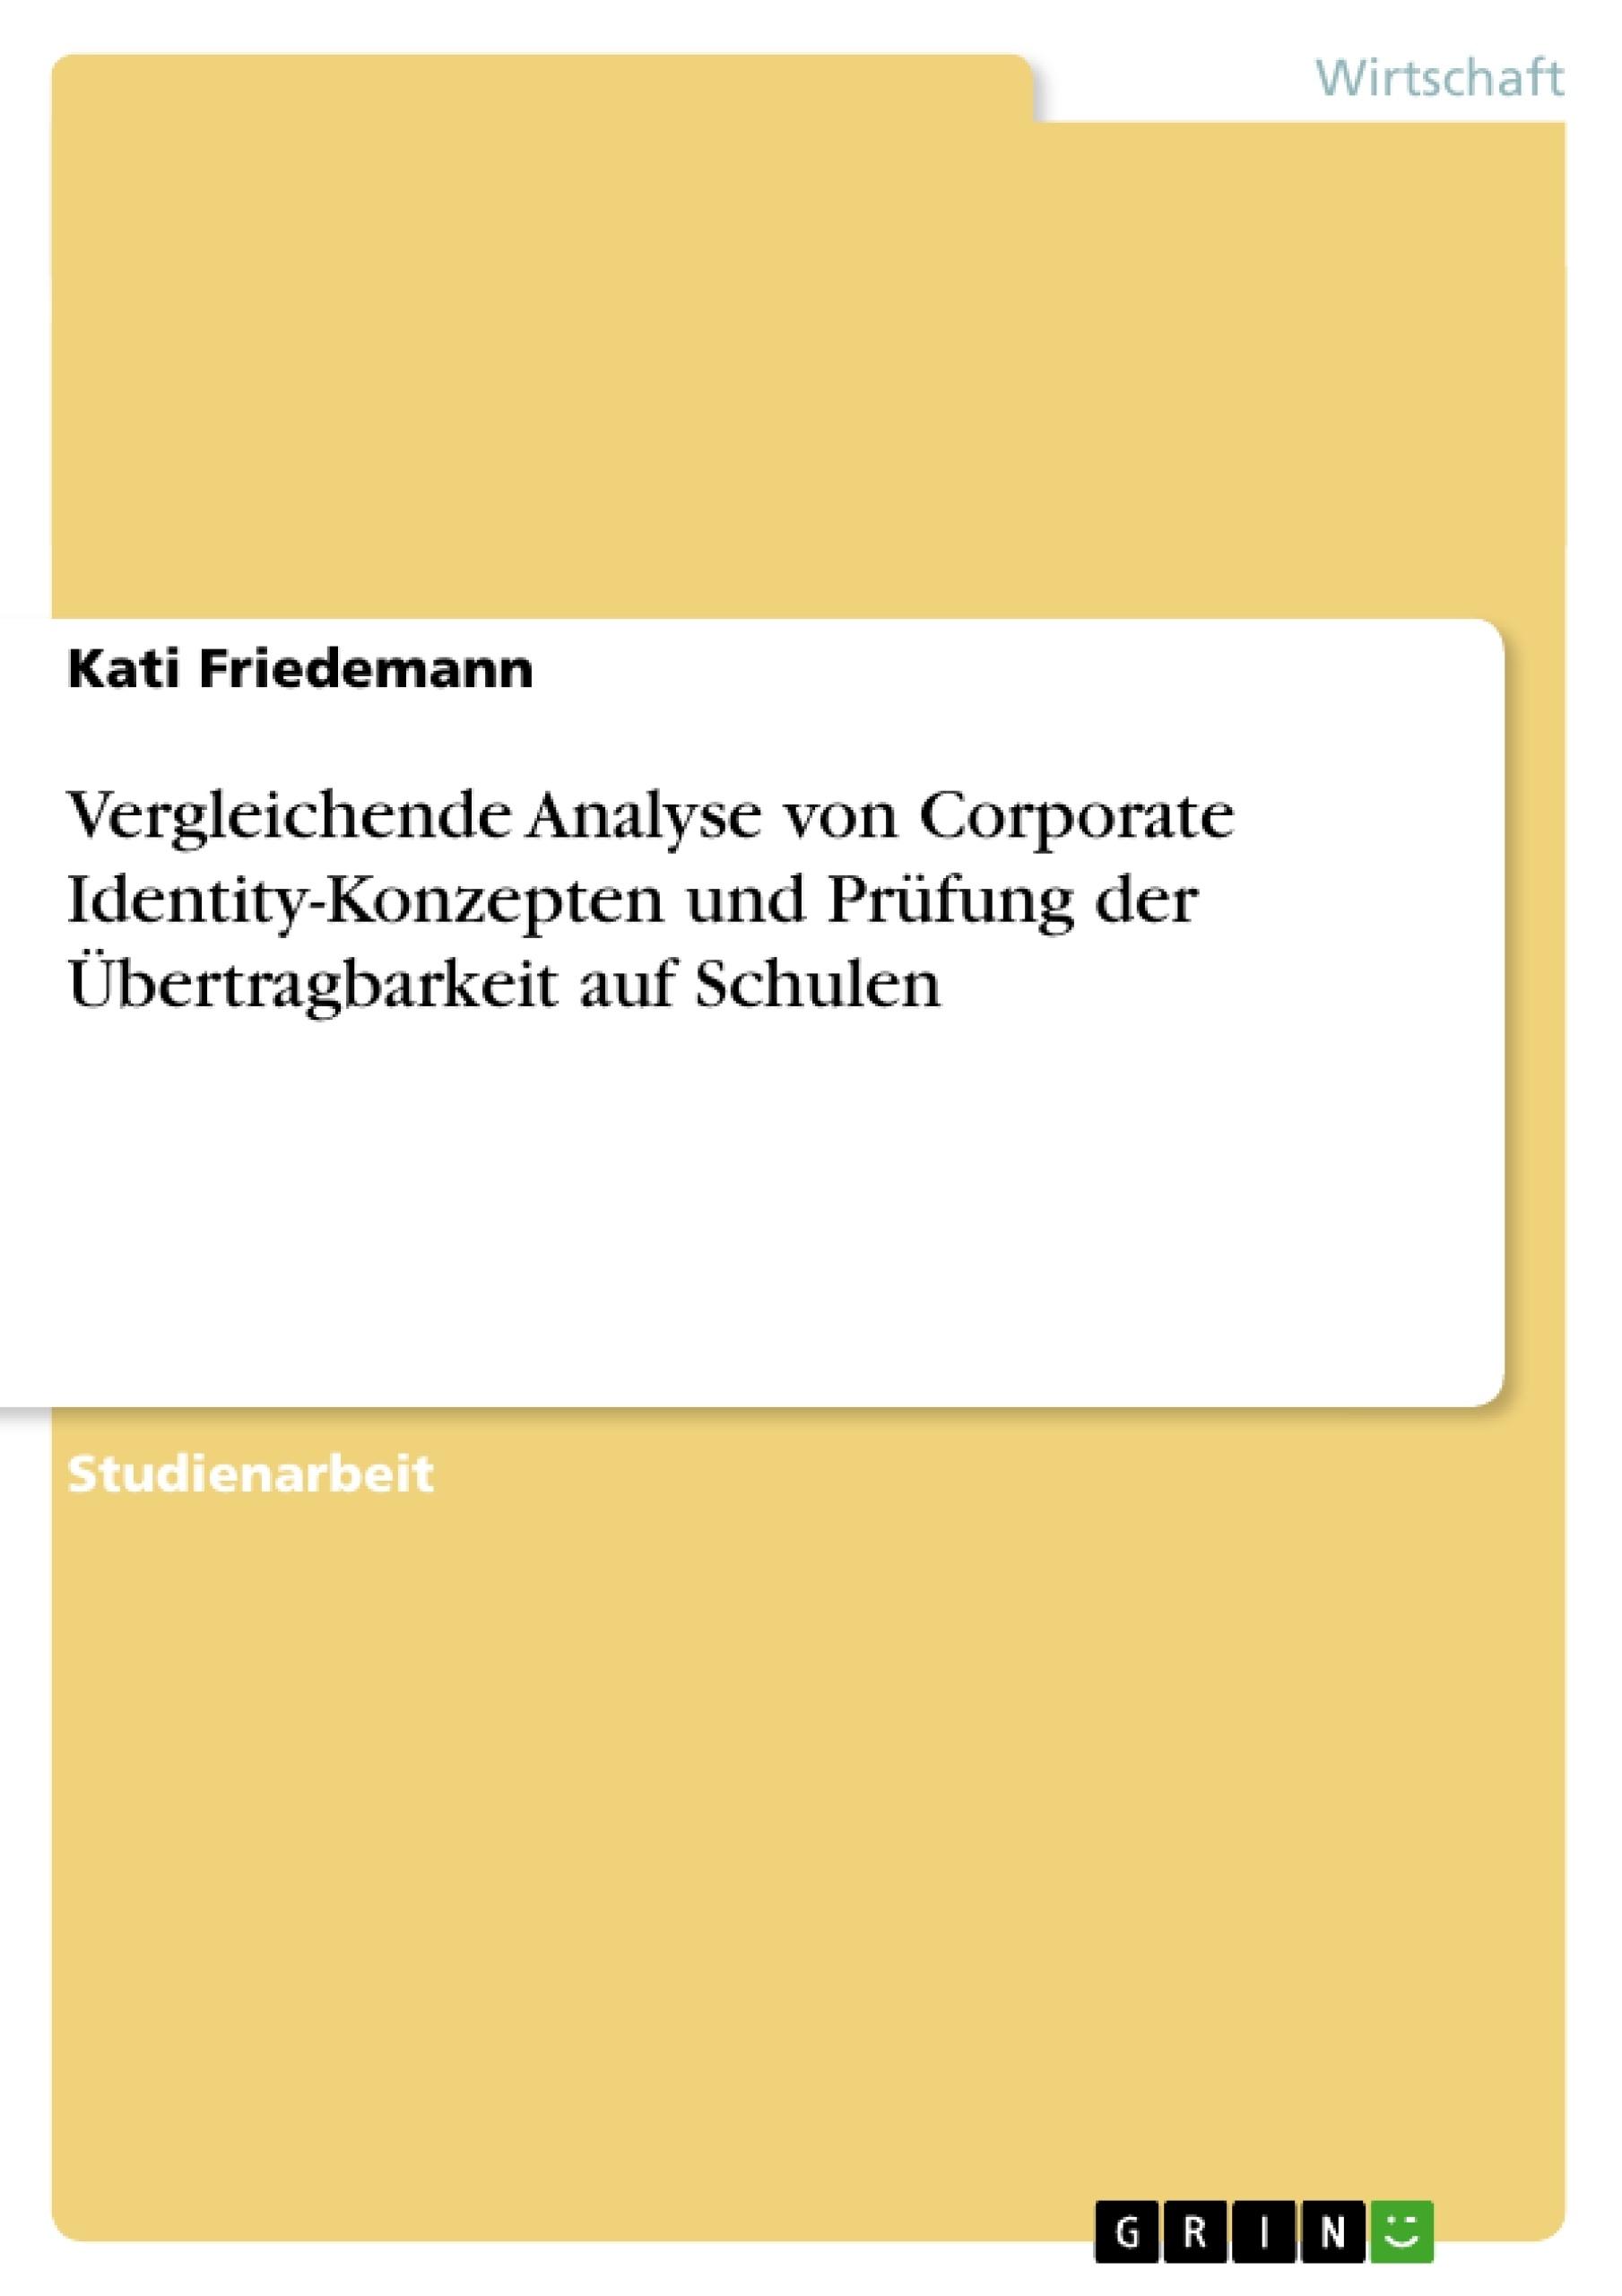 Titel: Vergleichende Analyse von Corporate Identity-Konzepten und Prüfung der Übertragbarkeit auf Schulen